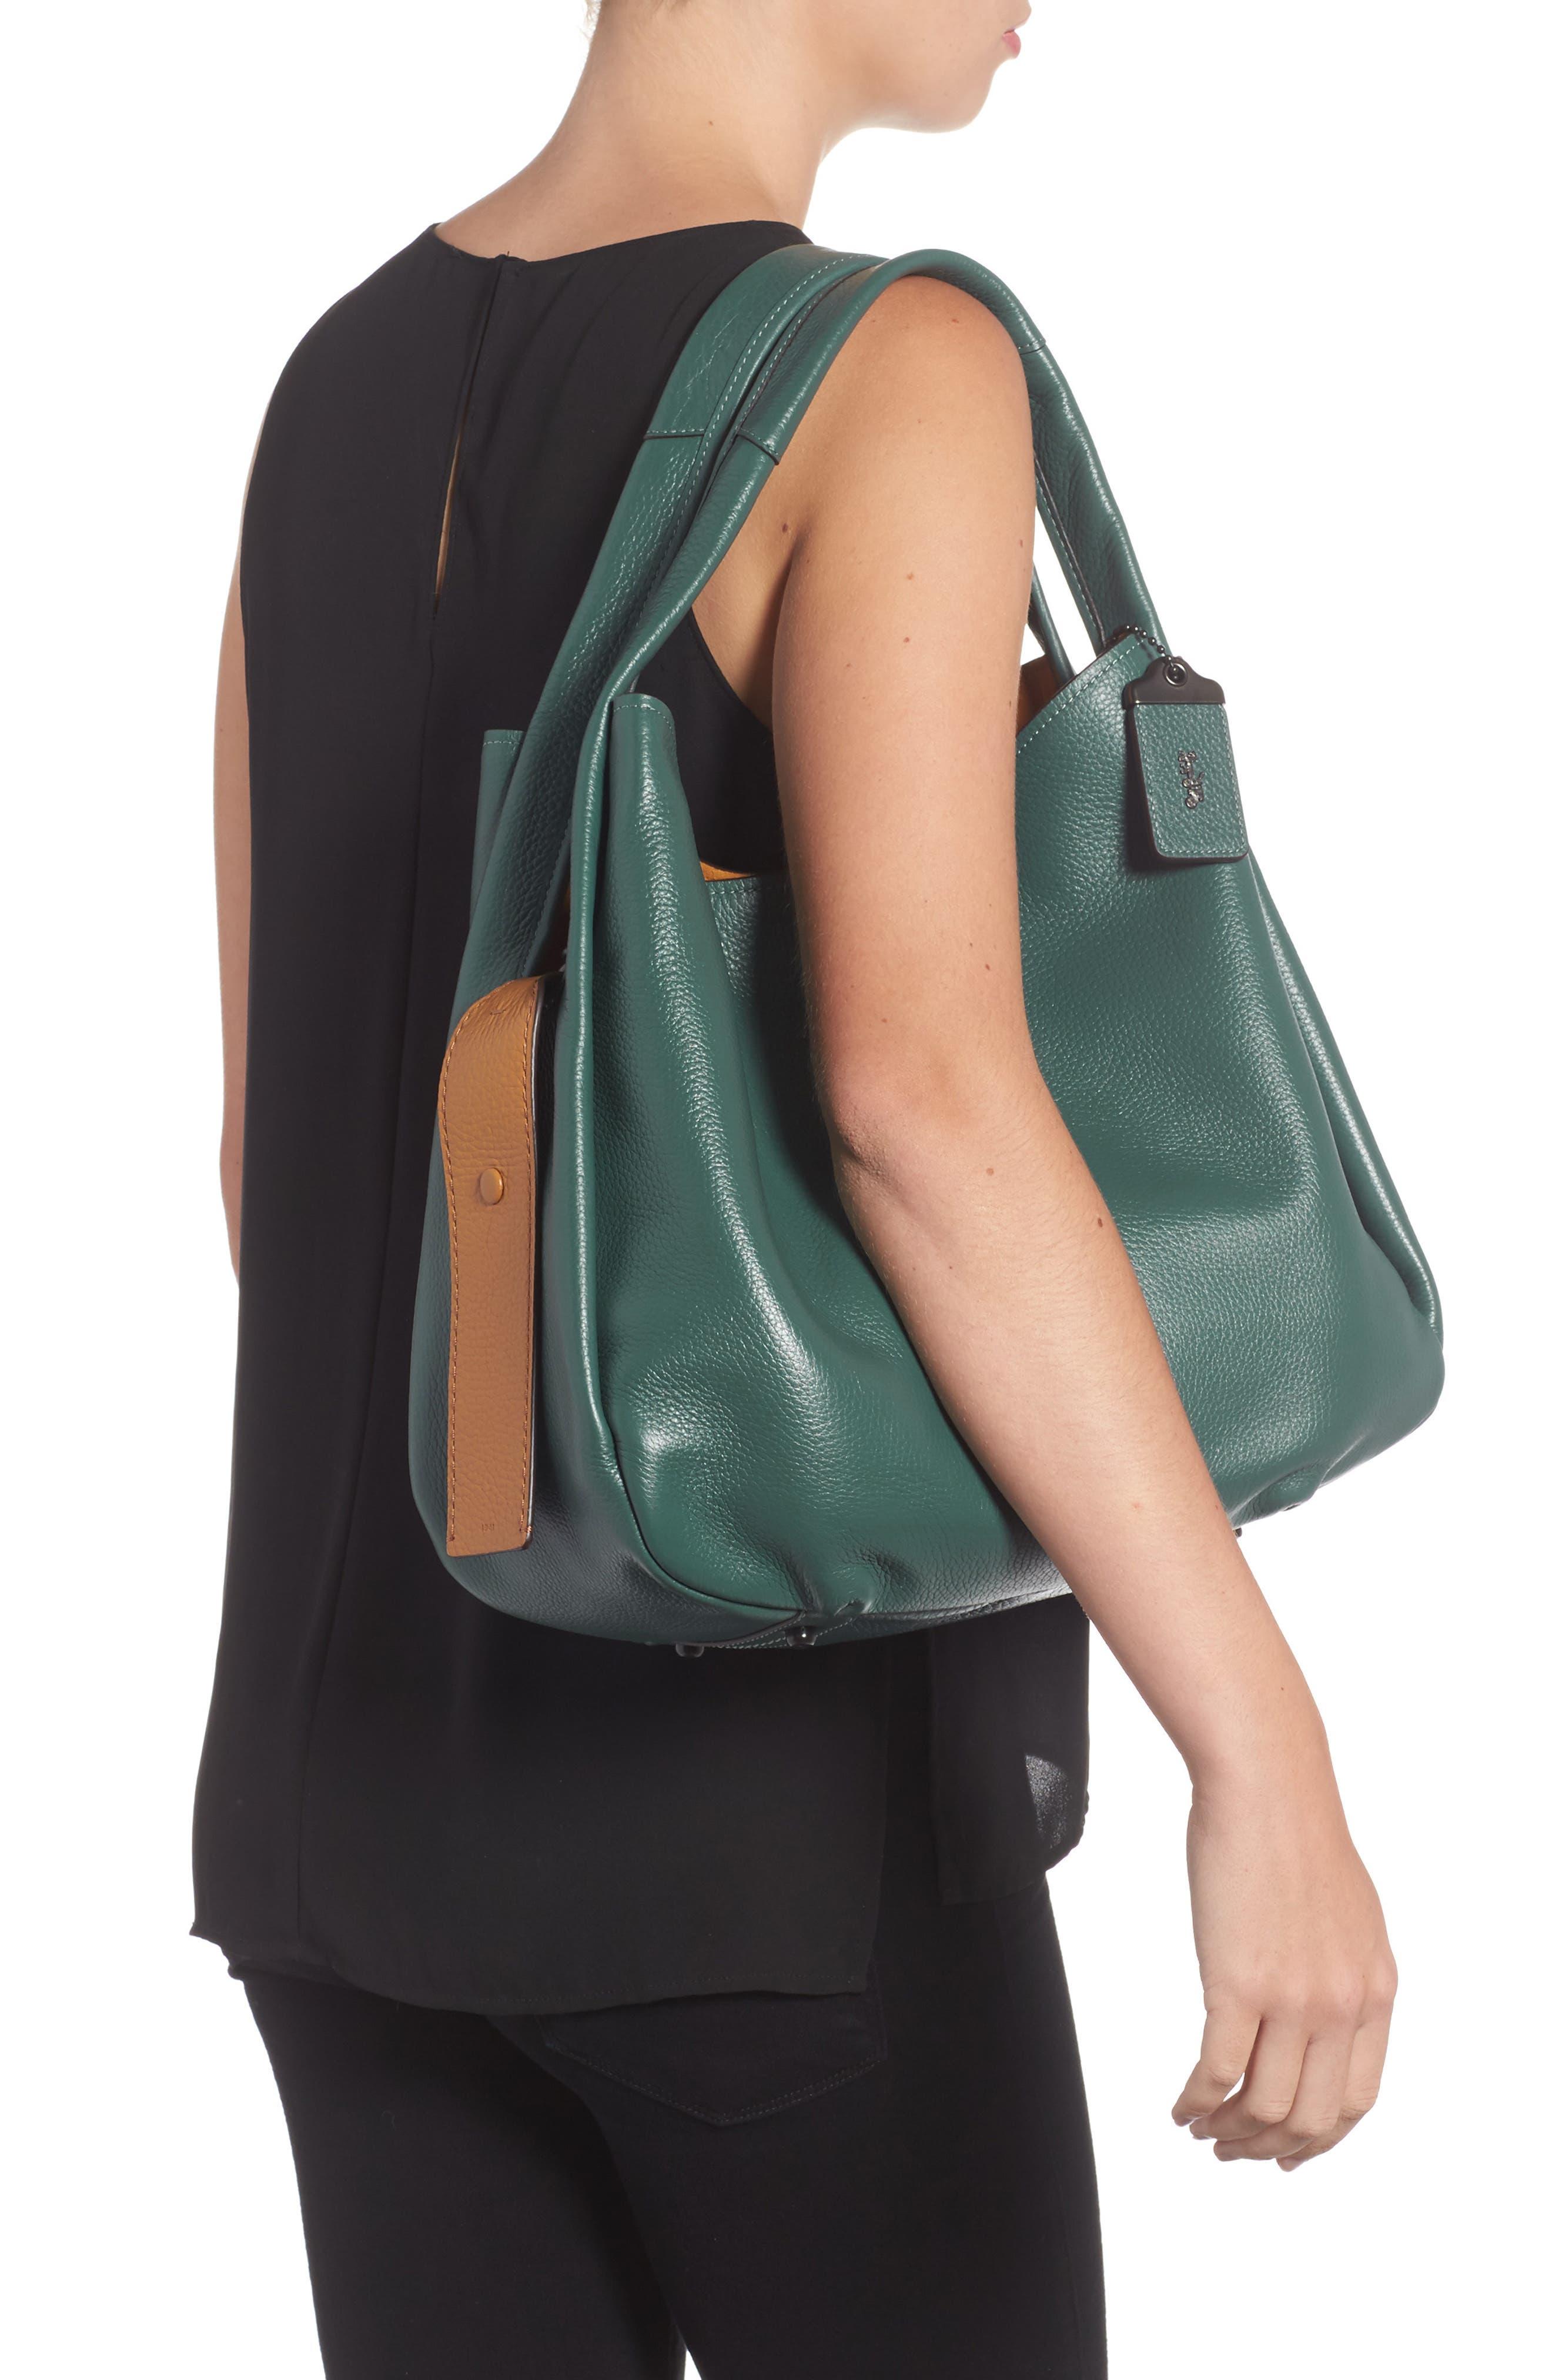 Bandit Leather Hobo & Removable Shoulder Bag,                             Alternate thumbnail 2, color,                             313